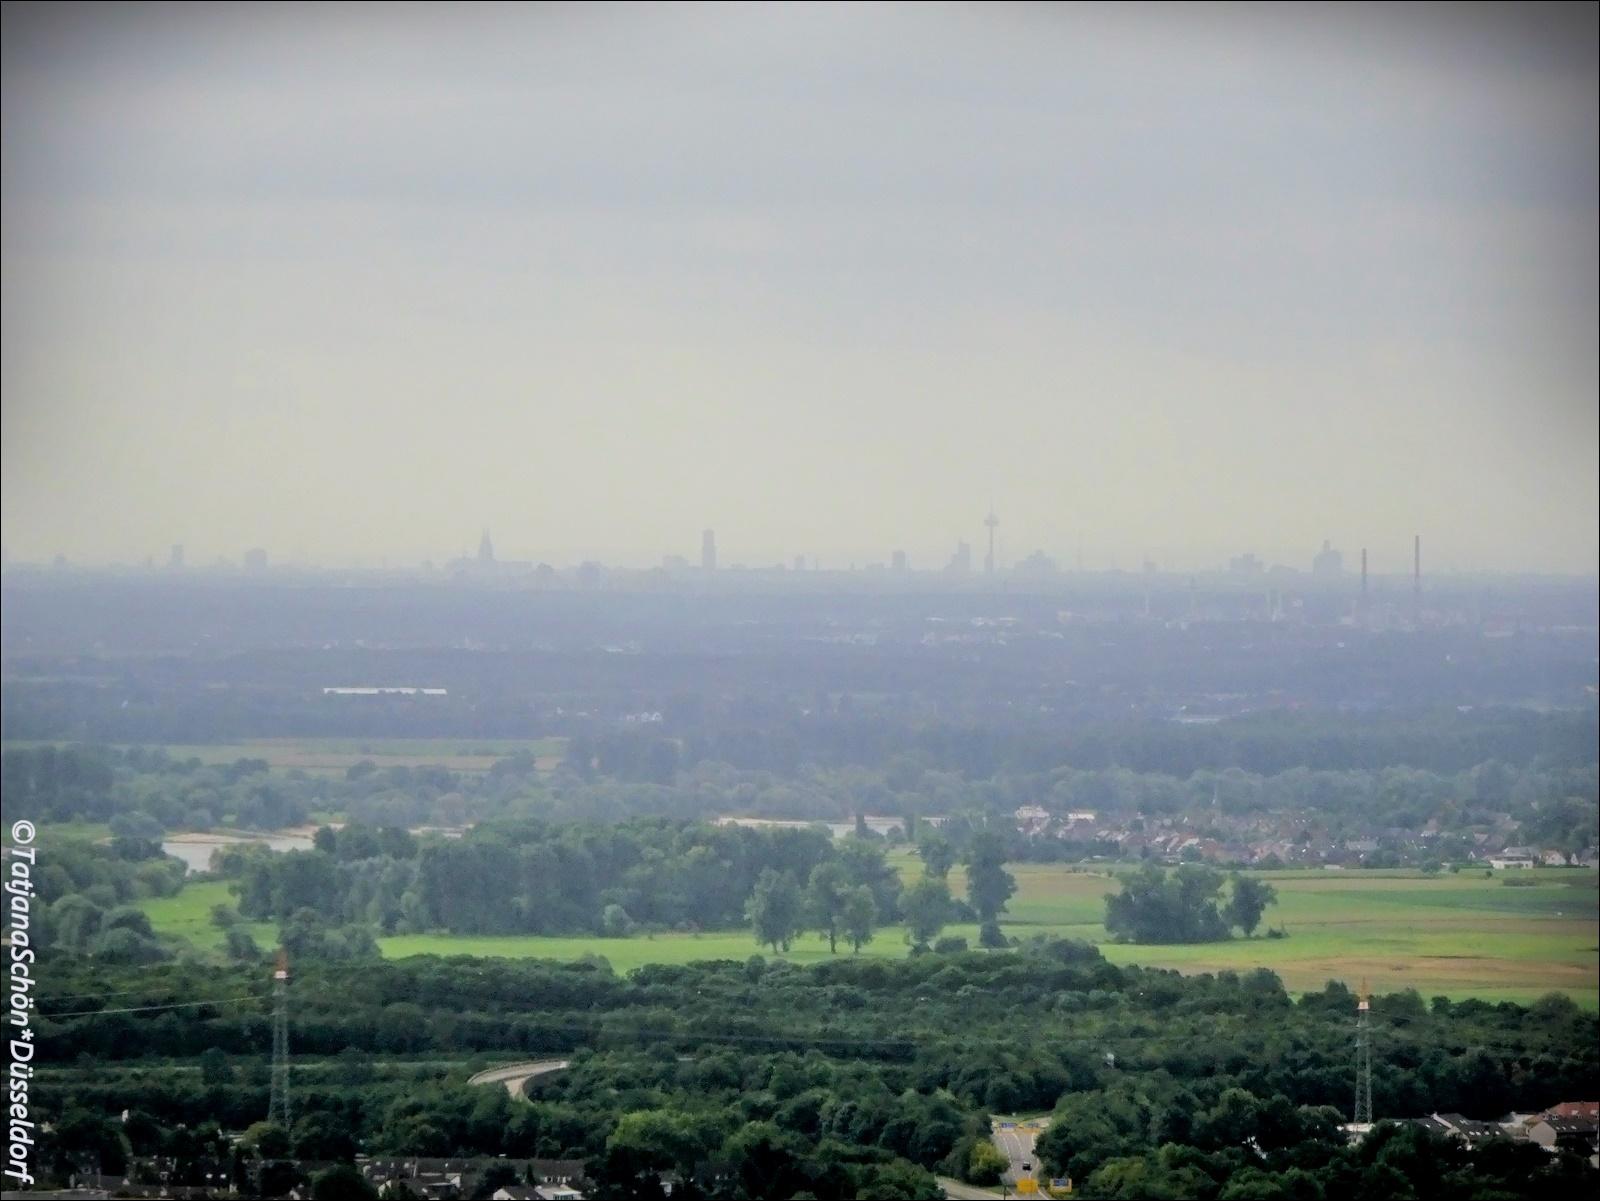 Если разделить фото пополам - в серелине левой половины будет виден на горизонте кёльнсктй собор.